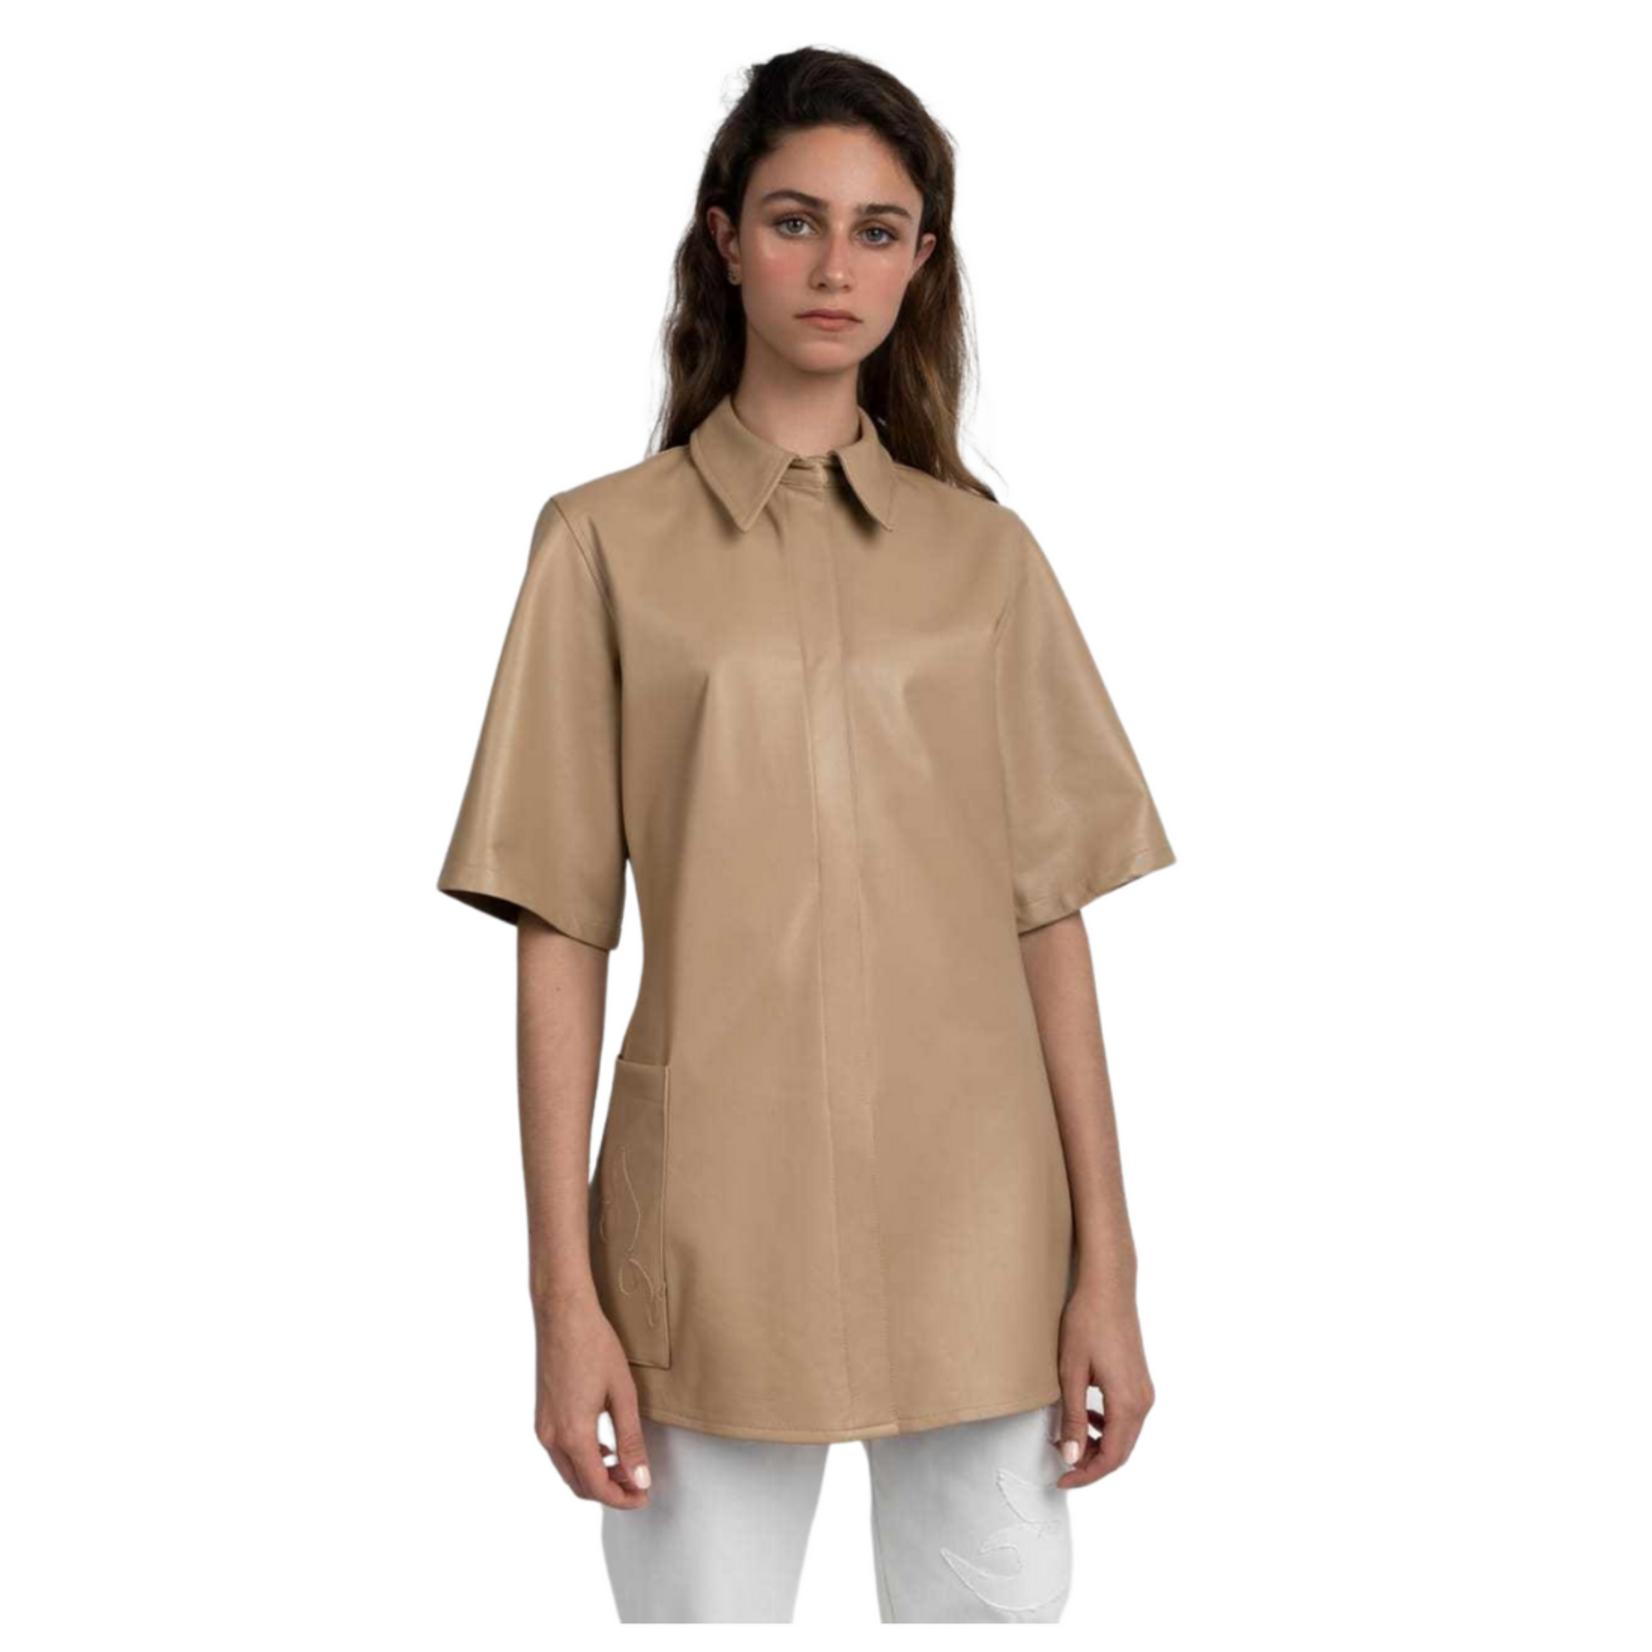 Esant Faia Pocket Leather Top